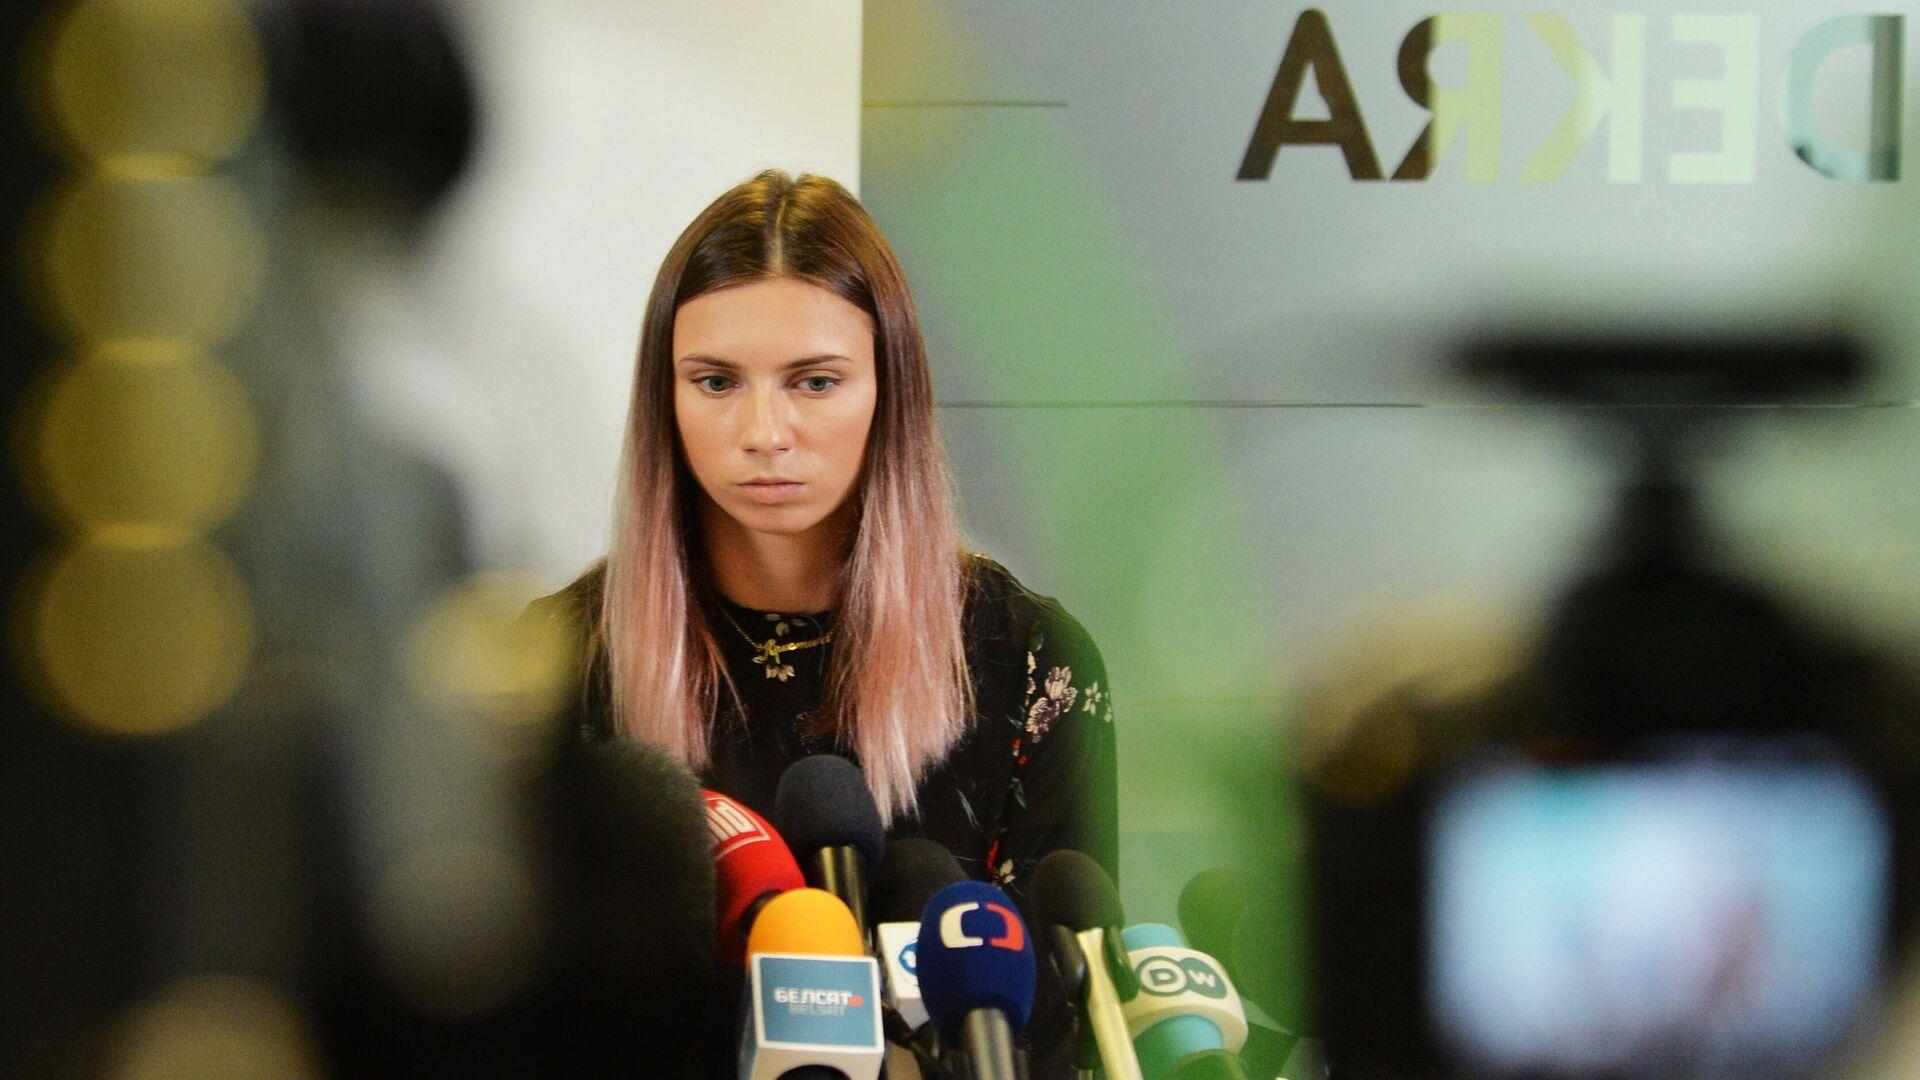 Белорусская легкоатлетка Кристина Тимановская во время пресс-конференции в Варшаве - РИА Новости, 1920, 06.08.2021